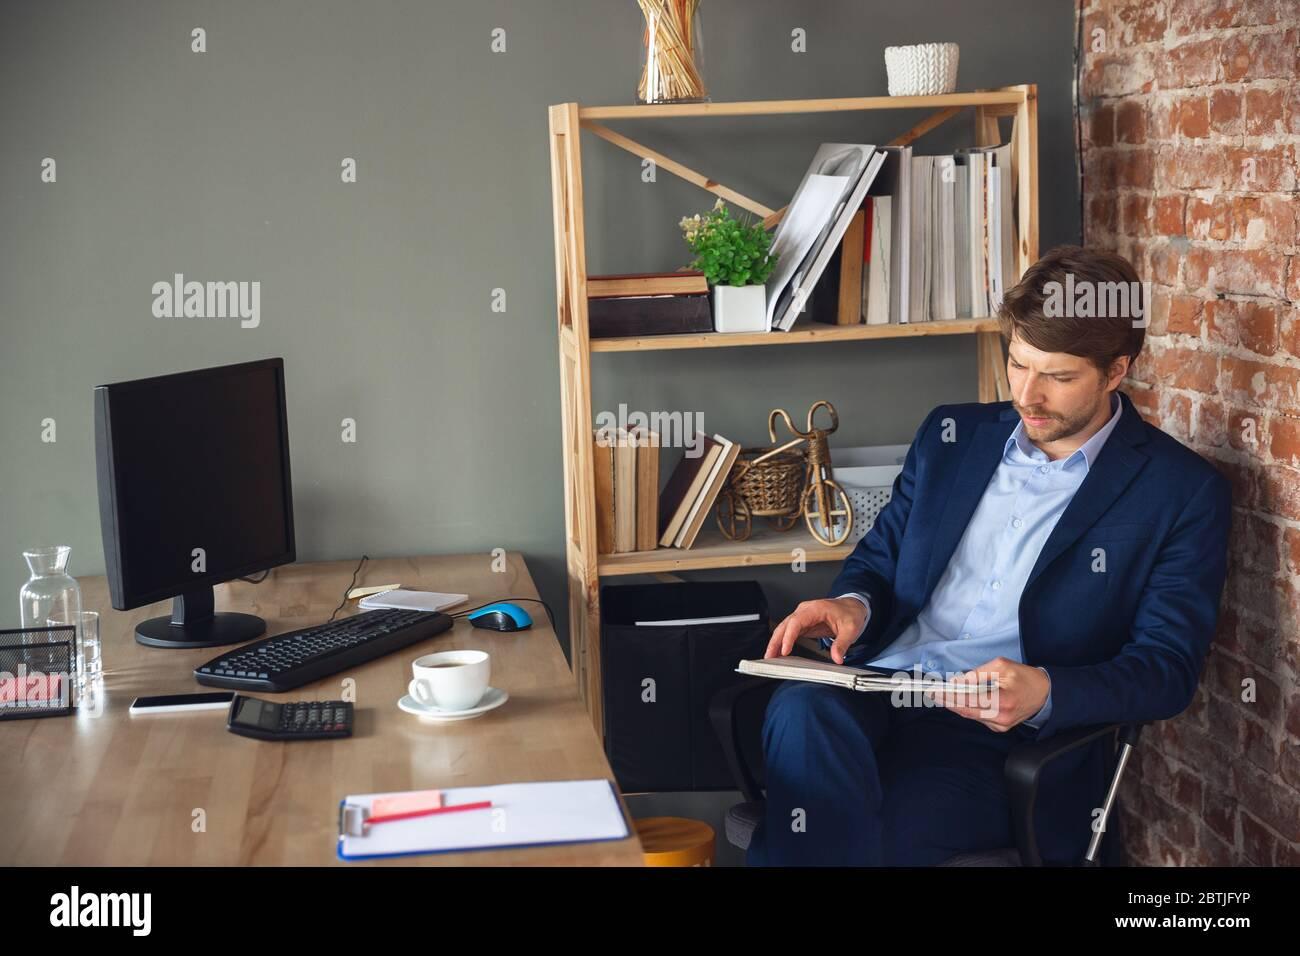 Revisar documentos, tareas, papeleo. Joven, gerente vuelve a trabajar en su oficina después de la cuarentena, se siente feliz e inspirado. Volviendo a la vida normal. Negocio, finanzas, concepto de emociones. Foto de stock